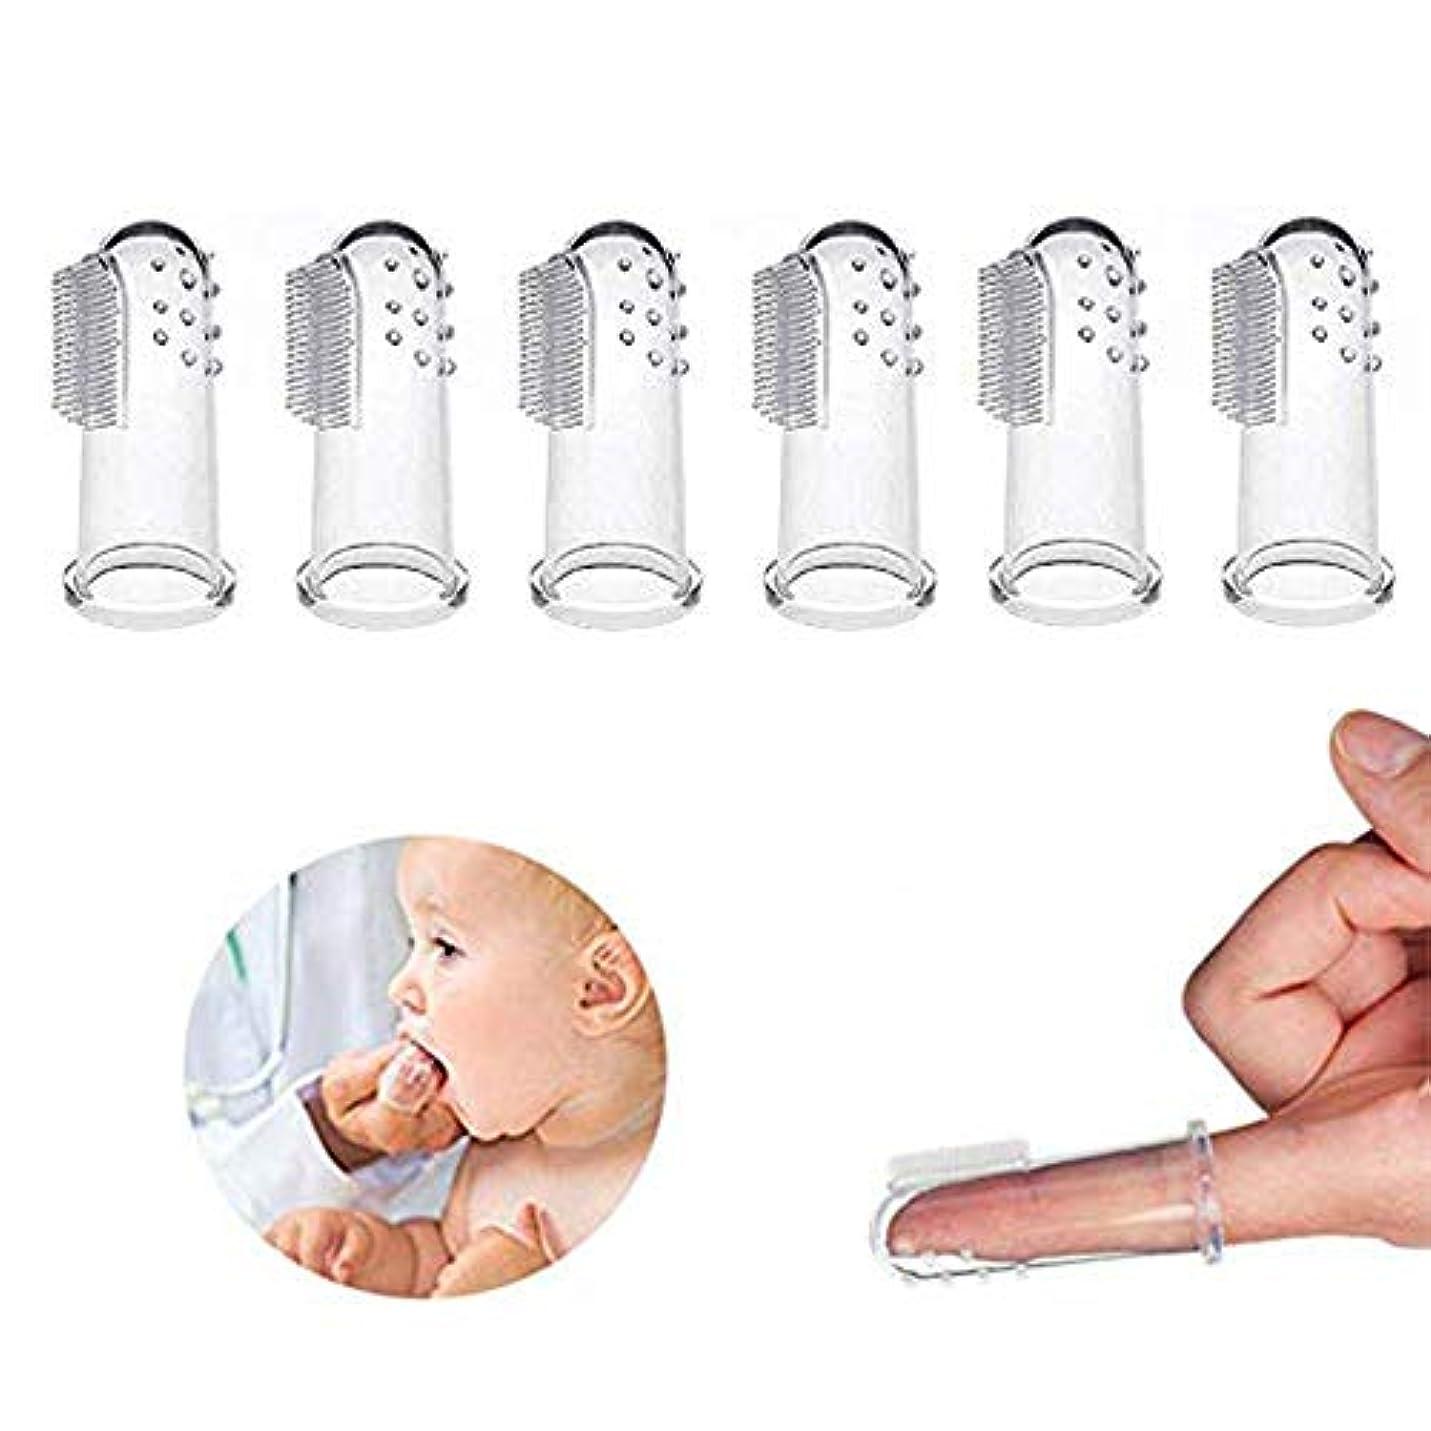 敵意保証アパル幼児歯ブラシ ベビー指歯ブラシ 指歯ブラシ 乳歯清潔 口腔ケア ケース付き ベビーフィンガーブラ 乳児幼児子供用シリコーンソフトオーラルマッサージャージェントルケア 6本セット (ホワイト)